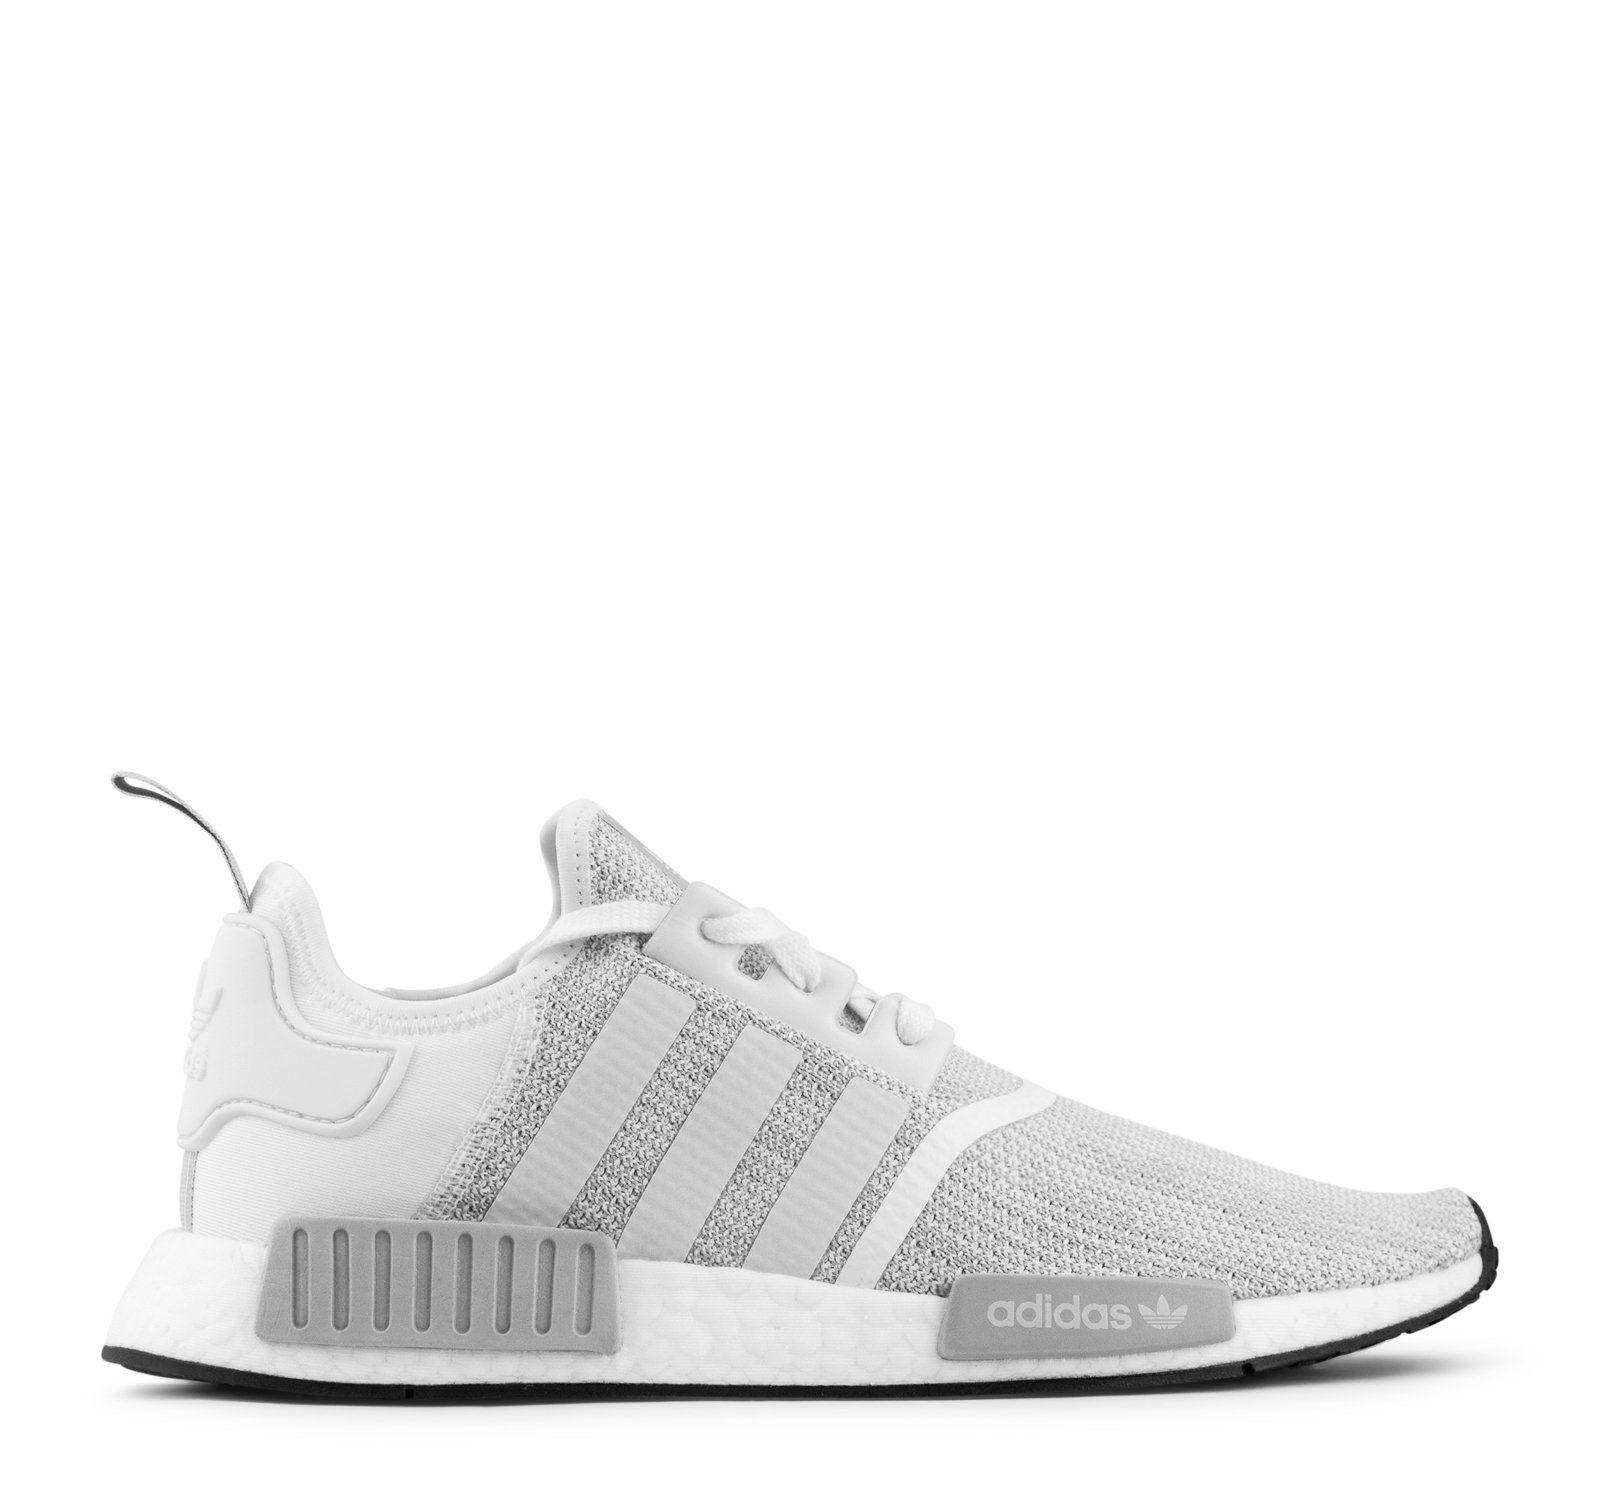 8209269df70e4 Adidas Originals NMD R1 B79759 - White Grey